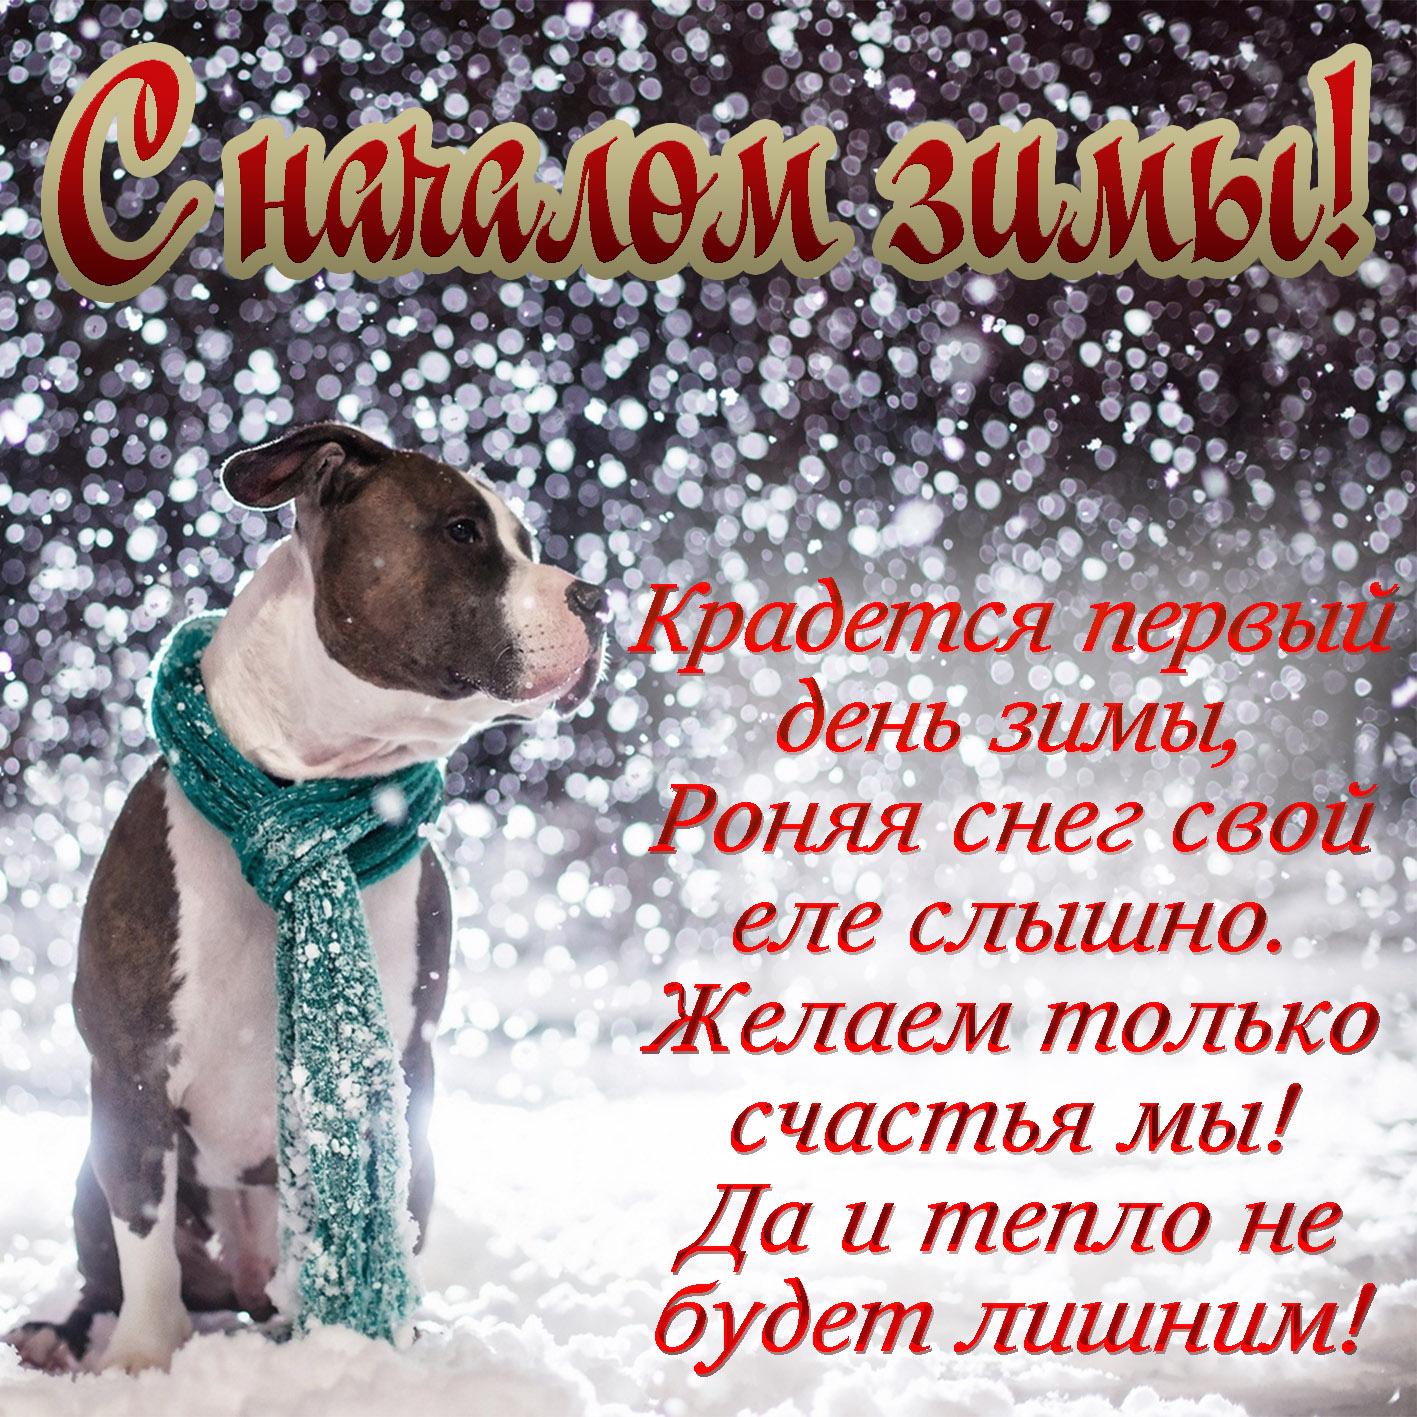 поздравления с первым днем зимы в стихах удмуртии это комфортабельные